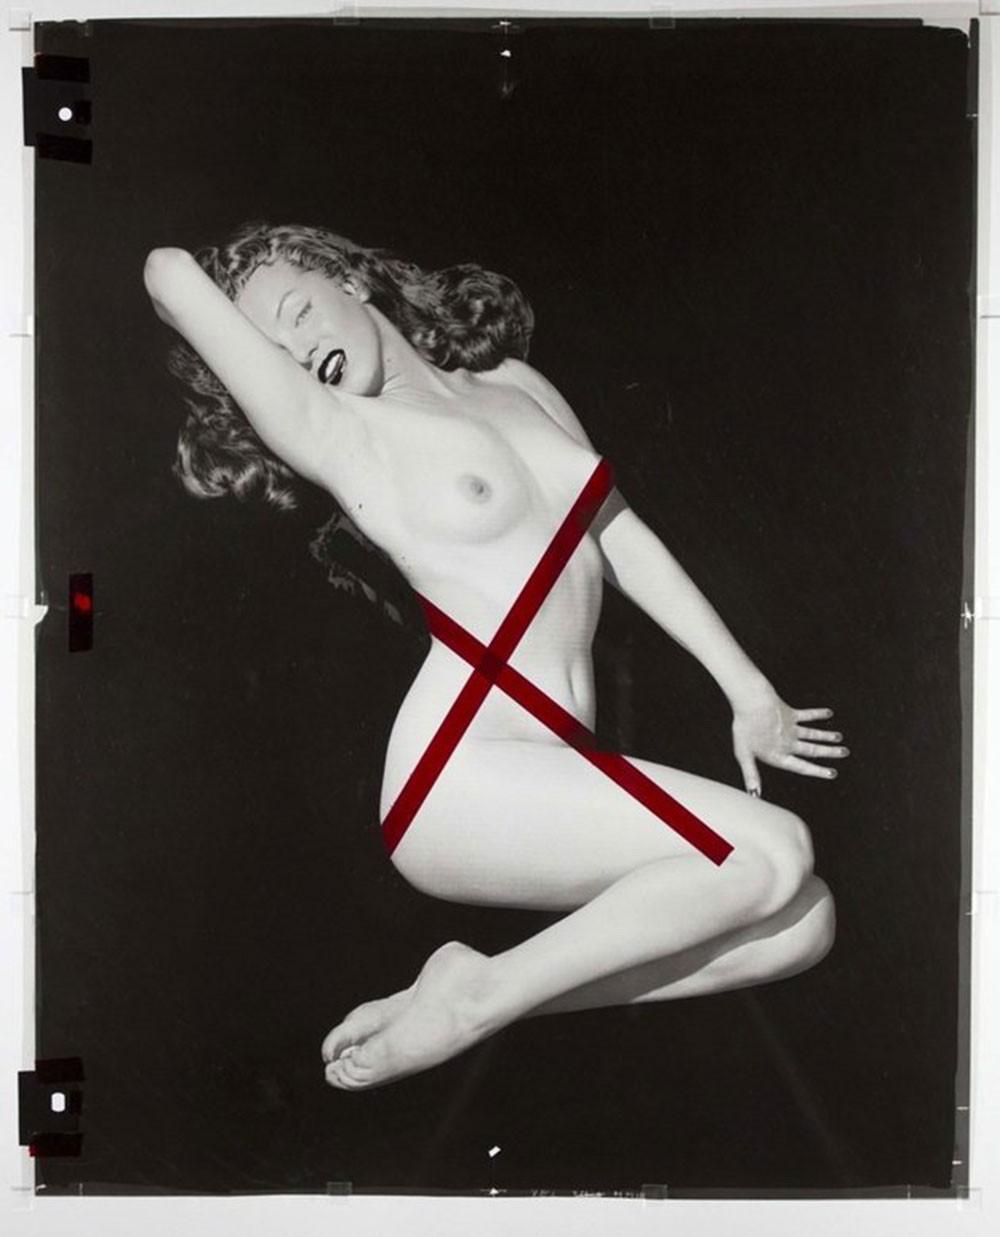 Primeiras fotos nuas de Marilyn Monroe são redescobertas (Foto: reprodução)